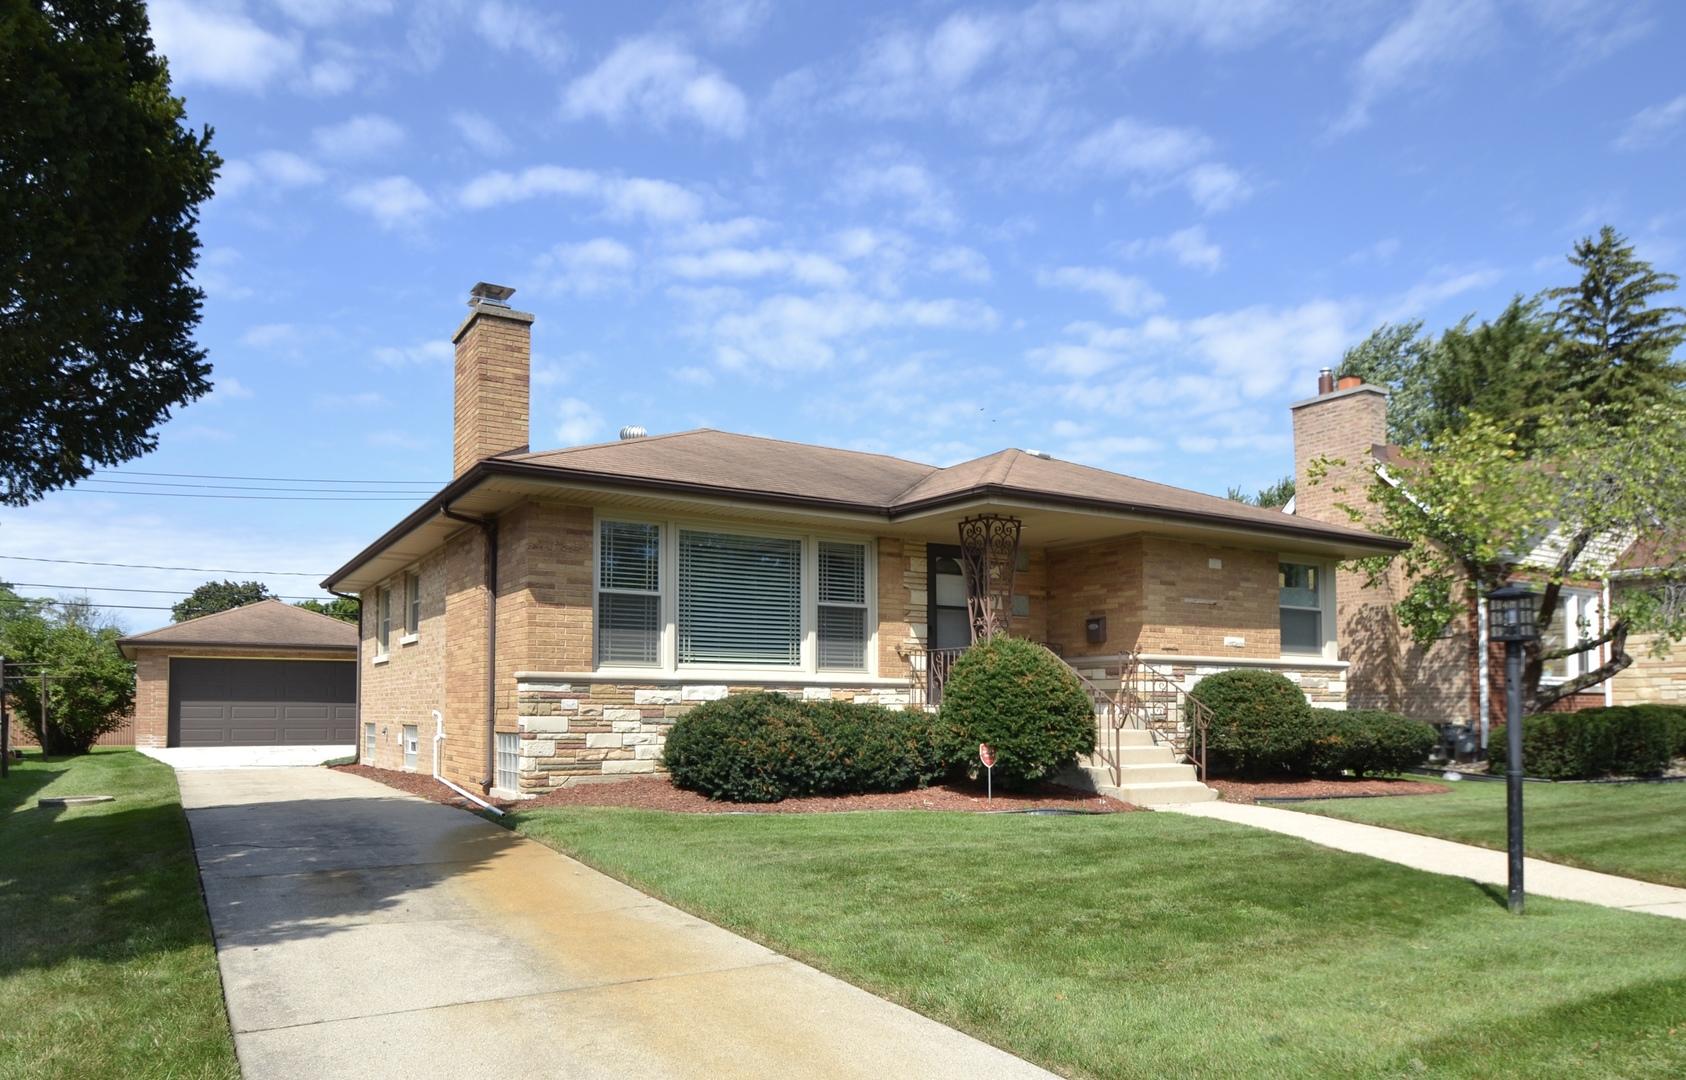 Photo of 9346 Millard Avenue Evergreen Park Illinois 60805